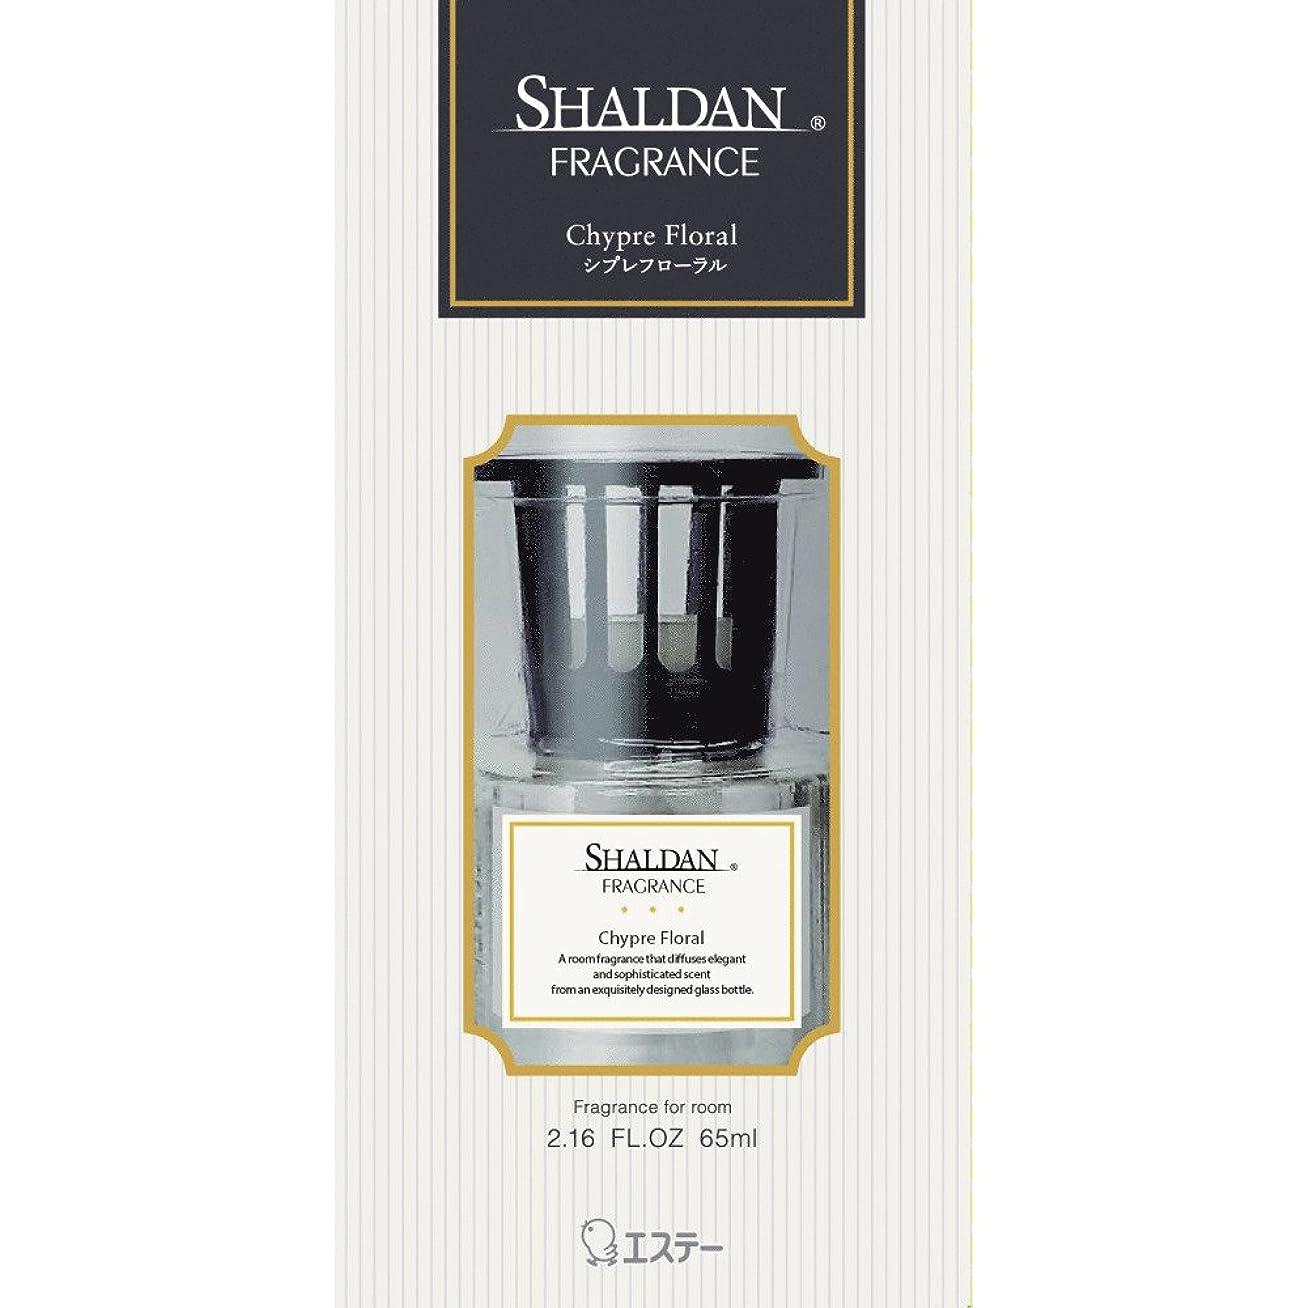 略語ソフトウェア殺人者シャルダン SHALDAN フレグランス 消臭芳香剤 部屋用 本体 シプレフローラル 65ml